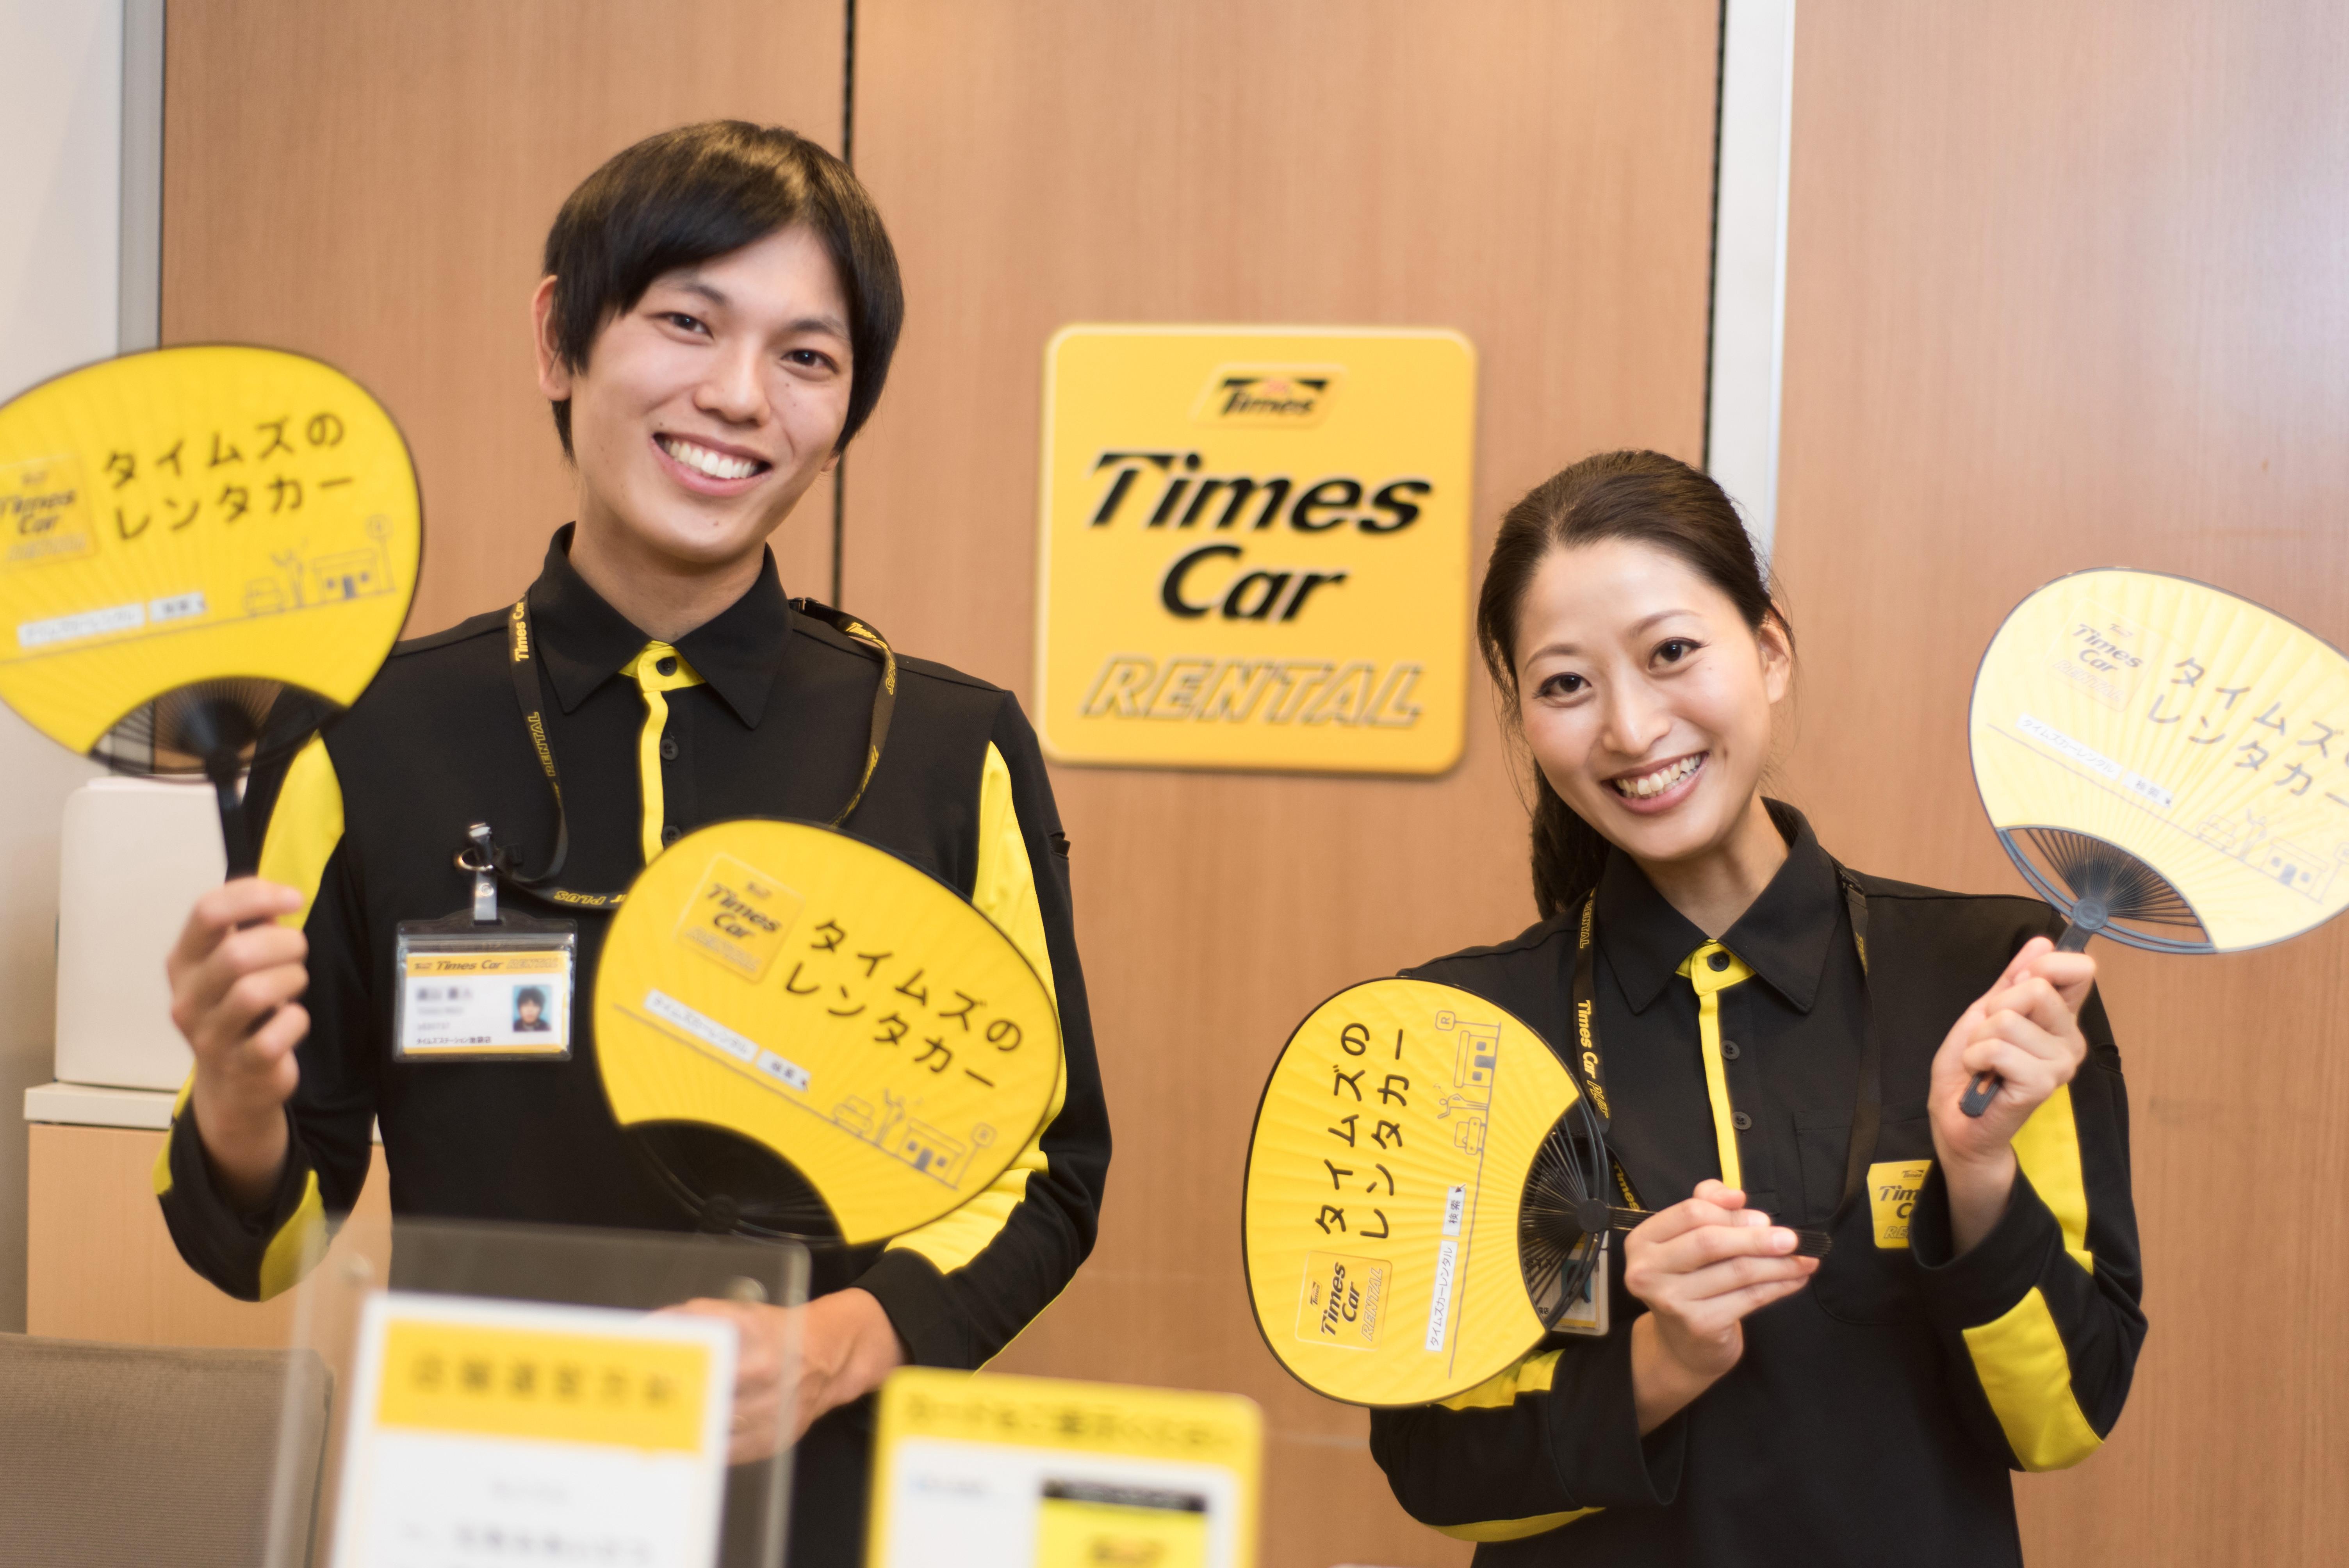 タイムズカーレンタル タイムズステーション 札幌駅前 勤務時間固定のアルバイト情報